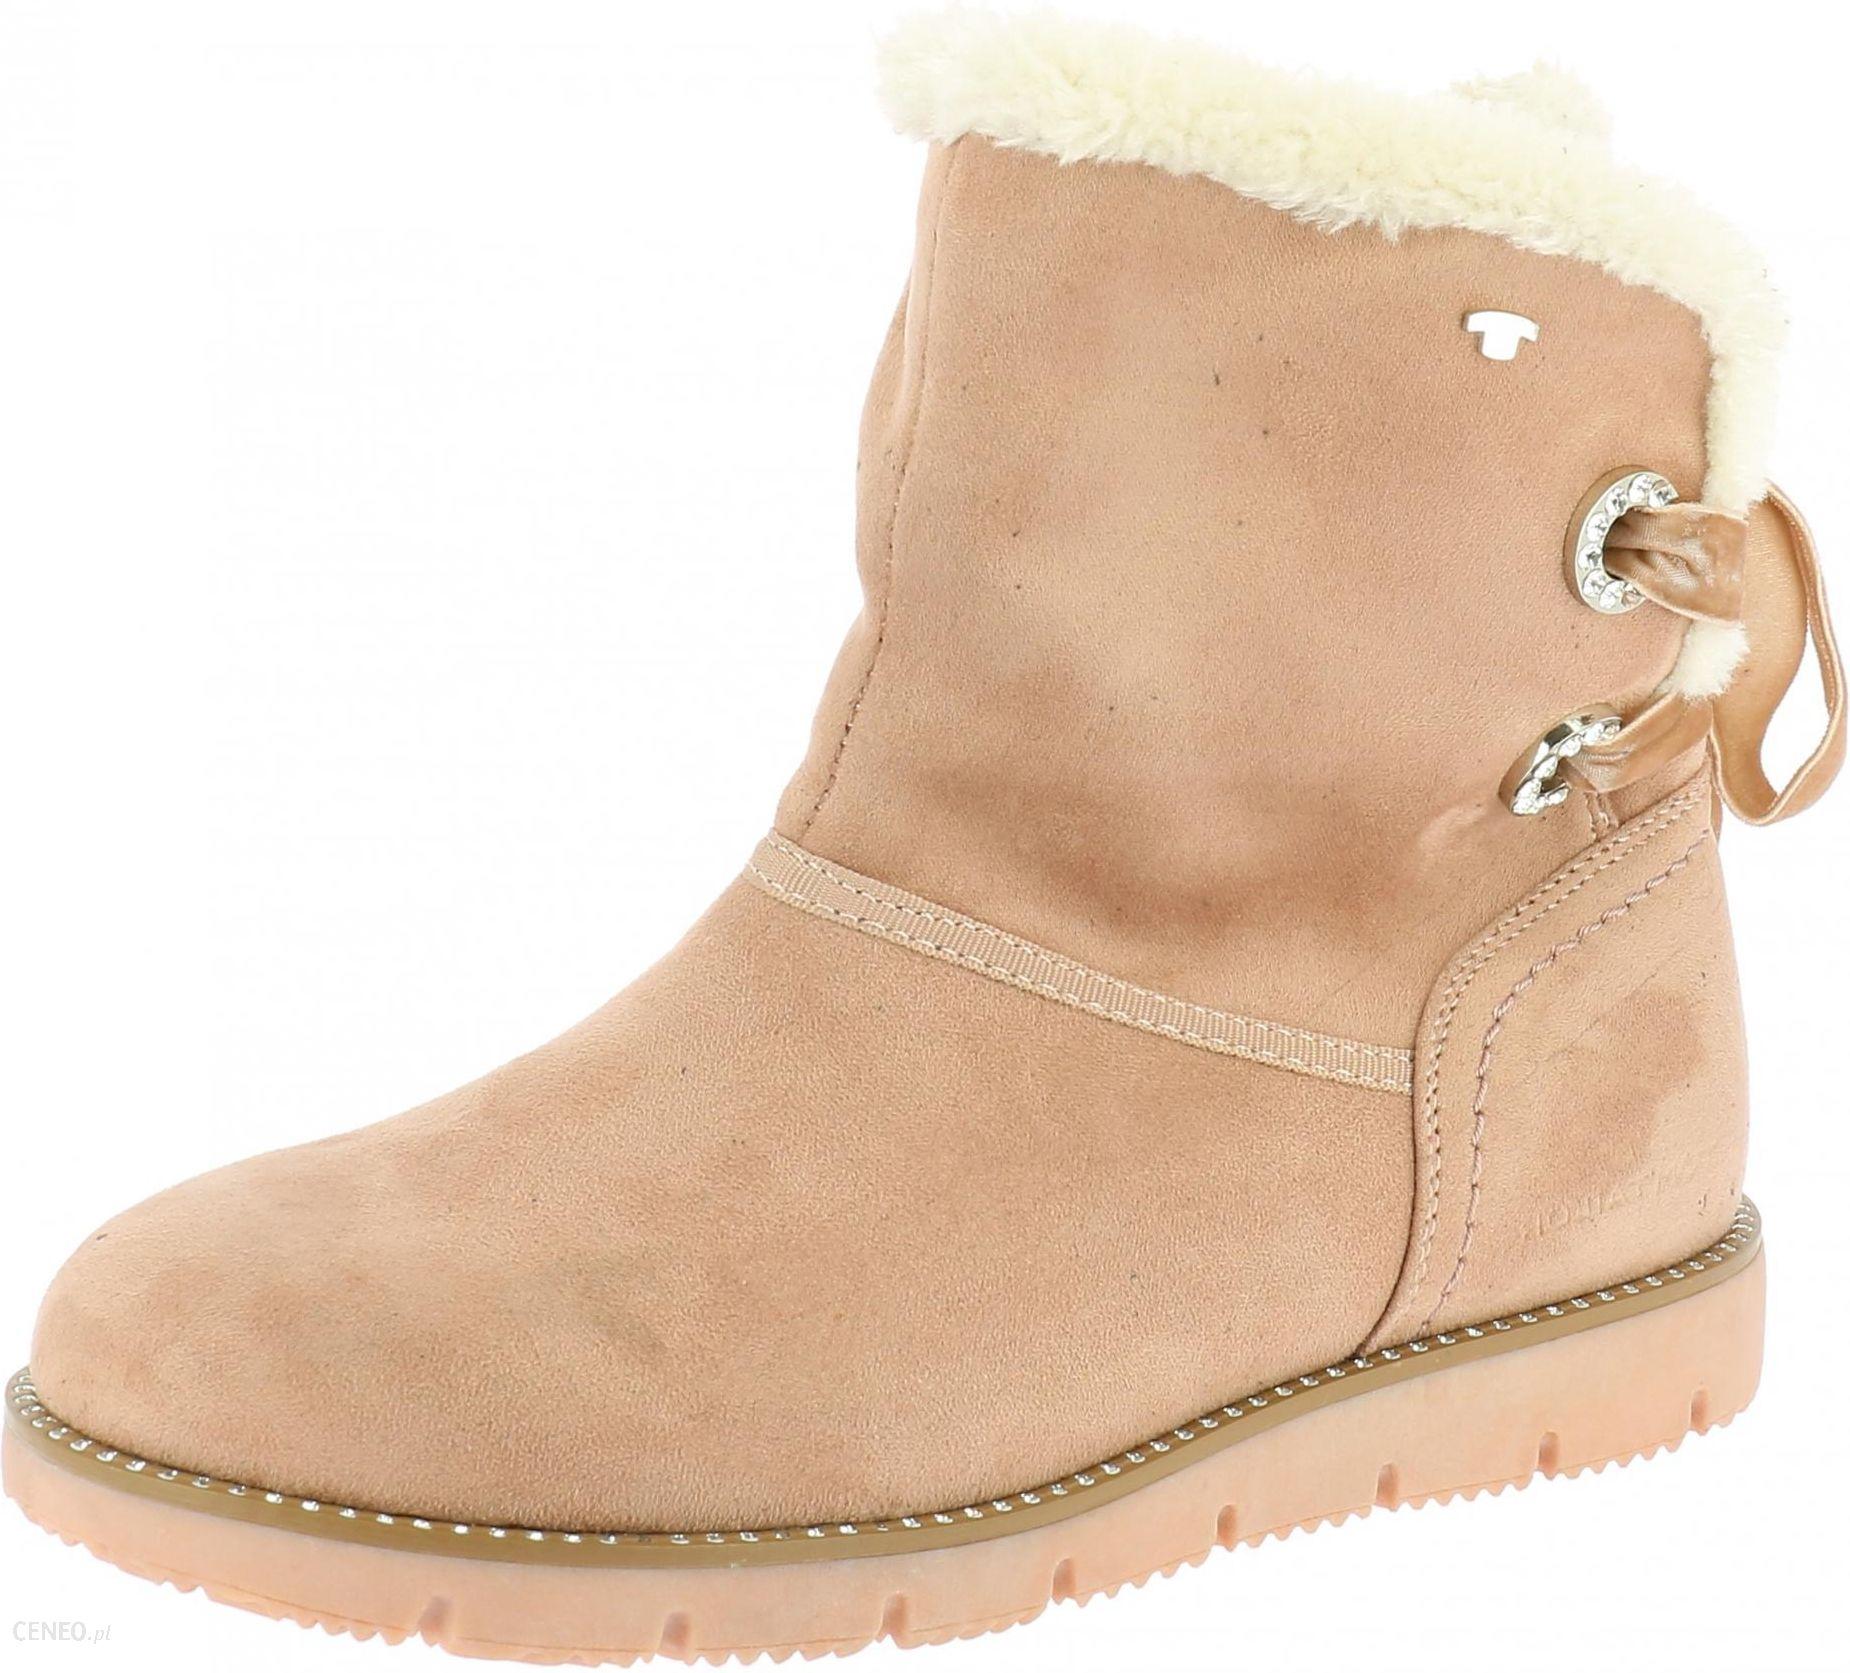 52f1eb66af9e3 Tom Tailor buty zimowe damskie 39 różowy - Ceny i opinie - Ceneo.pl